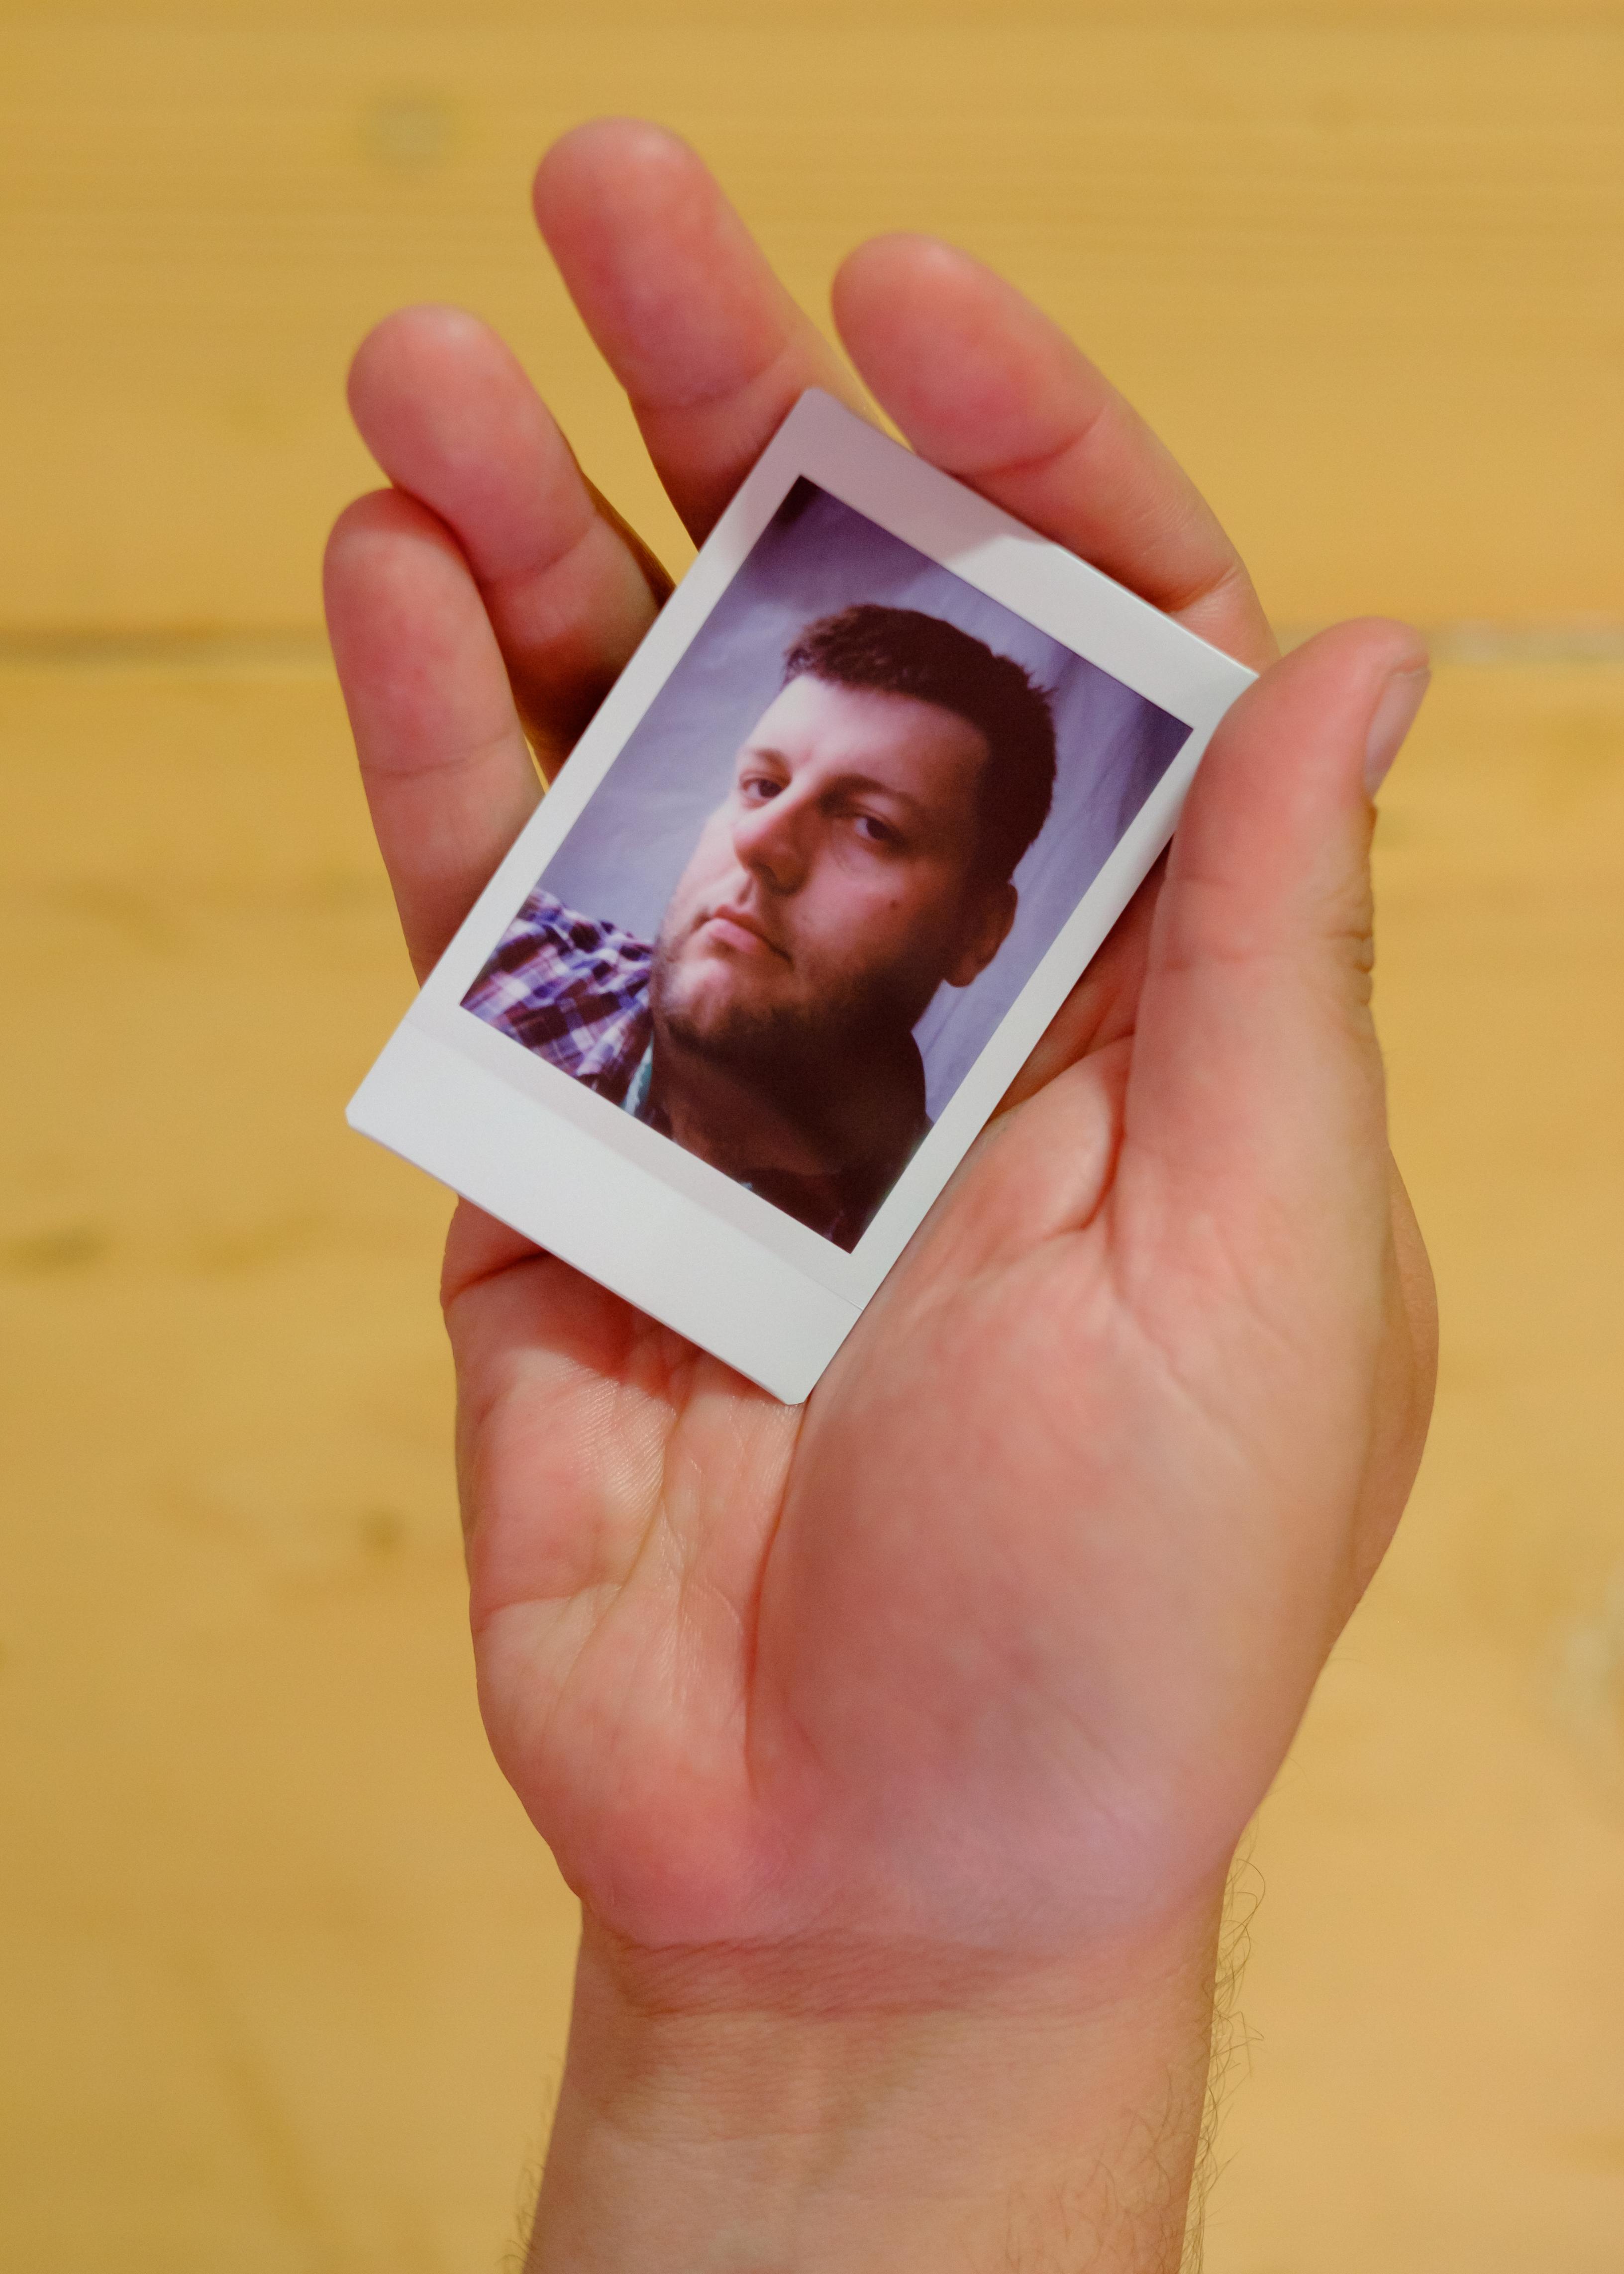 Olivier Bourget portrait dans la main-69